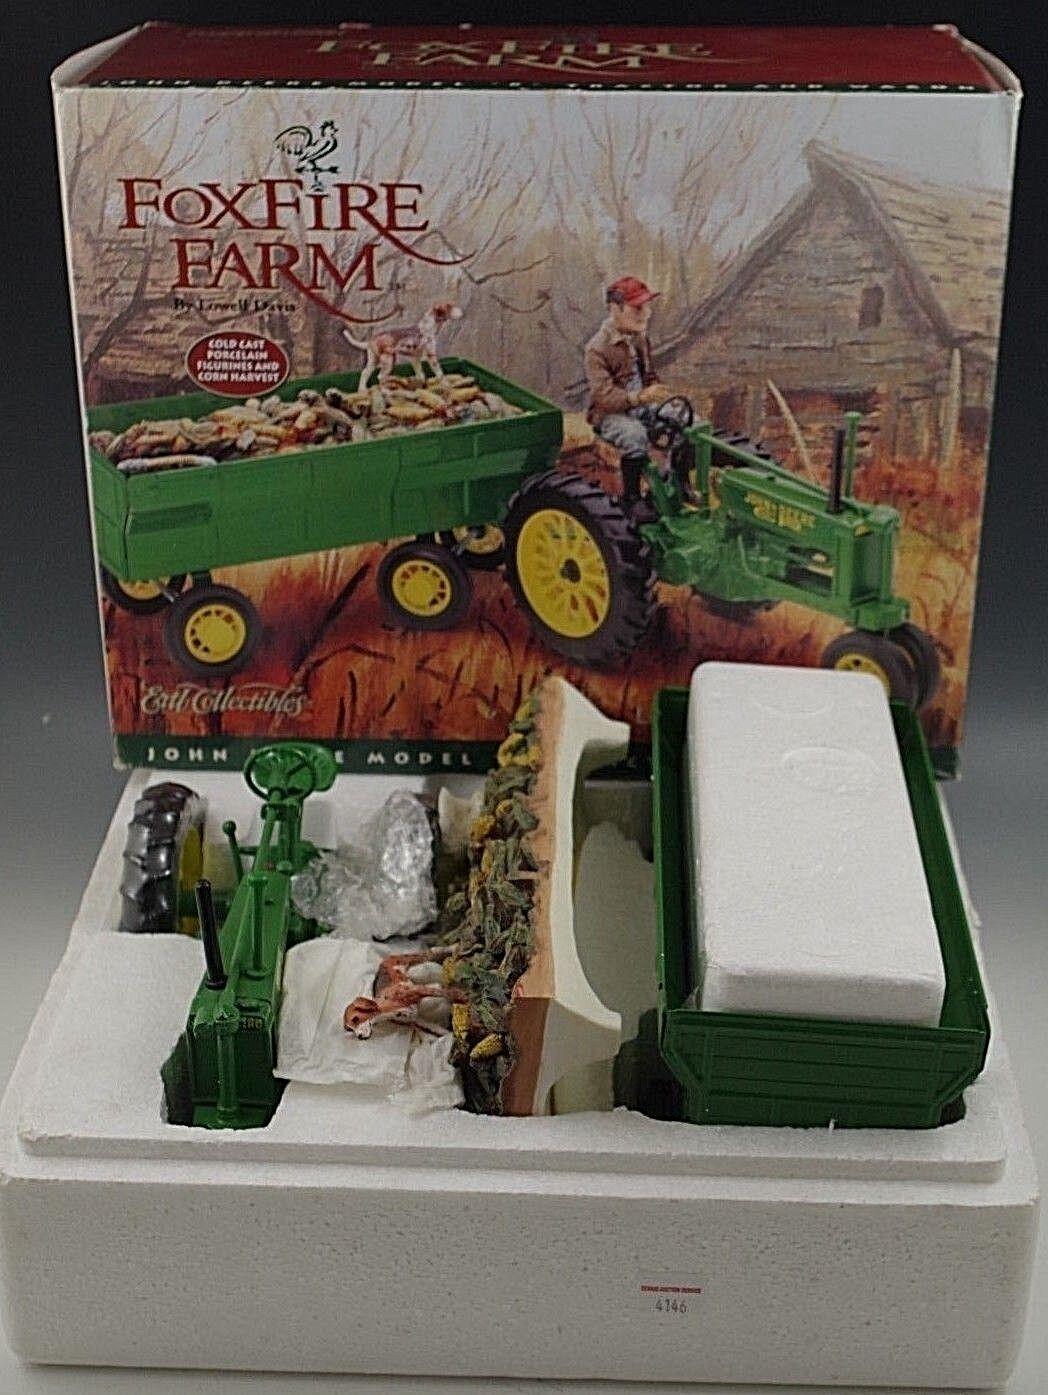 ERTL JOHN DEERE FOXFIRE FARM TRACTOR MODEL B & WAGON BY LOWELL DAVIS 1 16 SCALE